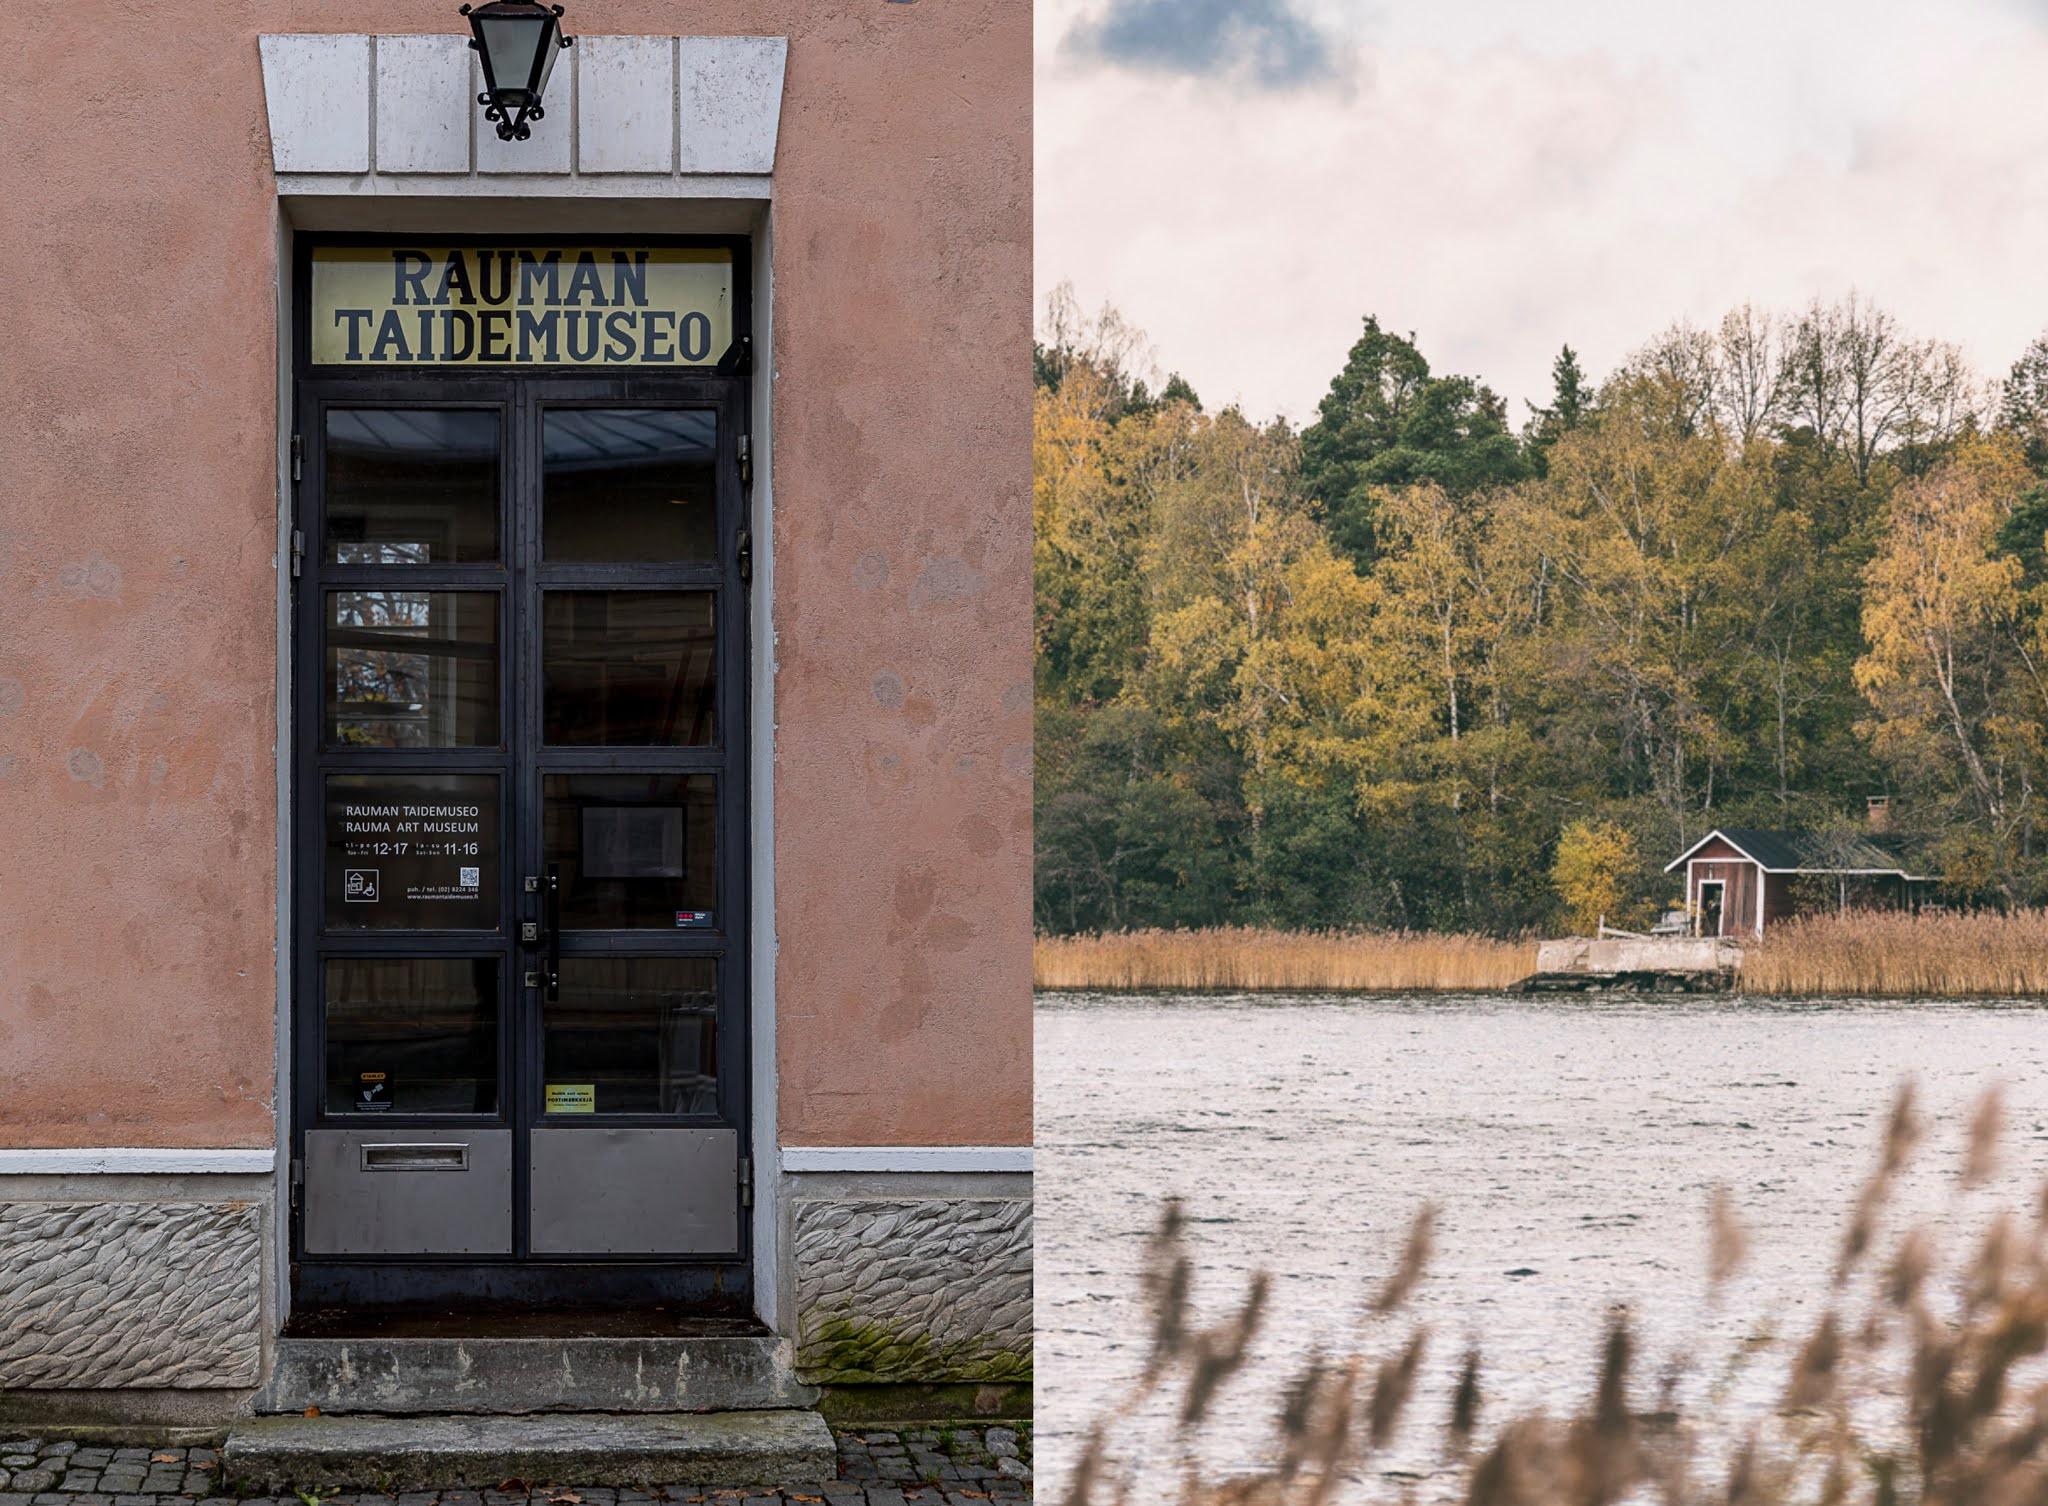 Rauma, Visitrauma, visitfinland, Finland, Satakunta, valokuvaaja, photographer, Frida Steiner, Visualaddict, Visualaddictfrida, blogi, valokuvausblogi, bloggaaja, Vanha kaupunki, Old town, luonto